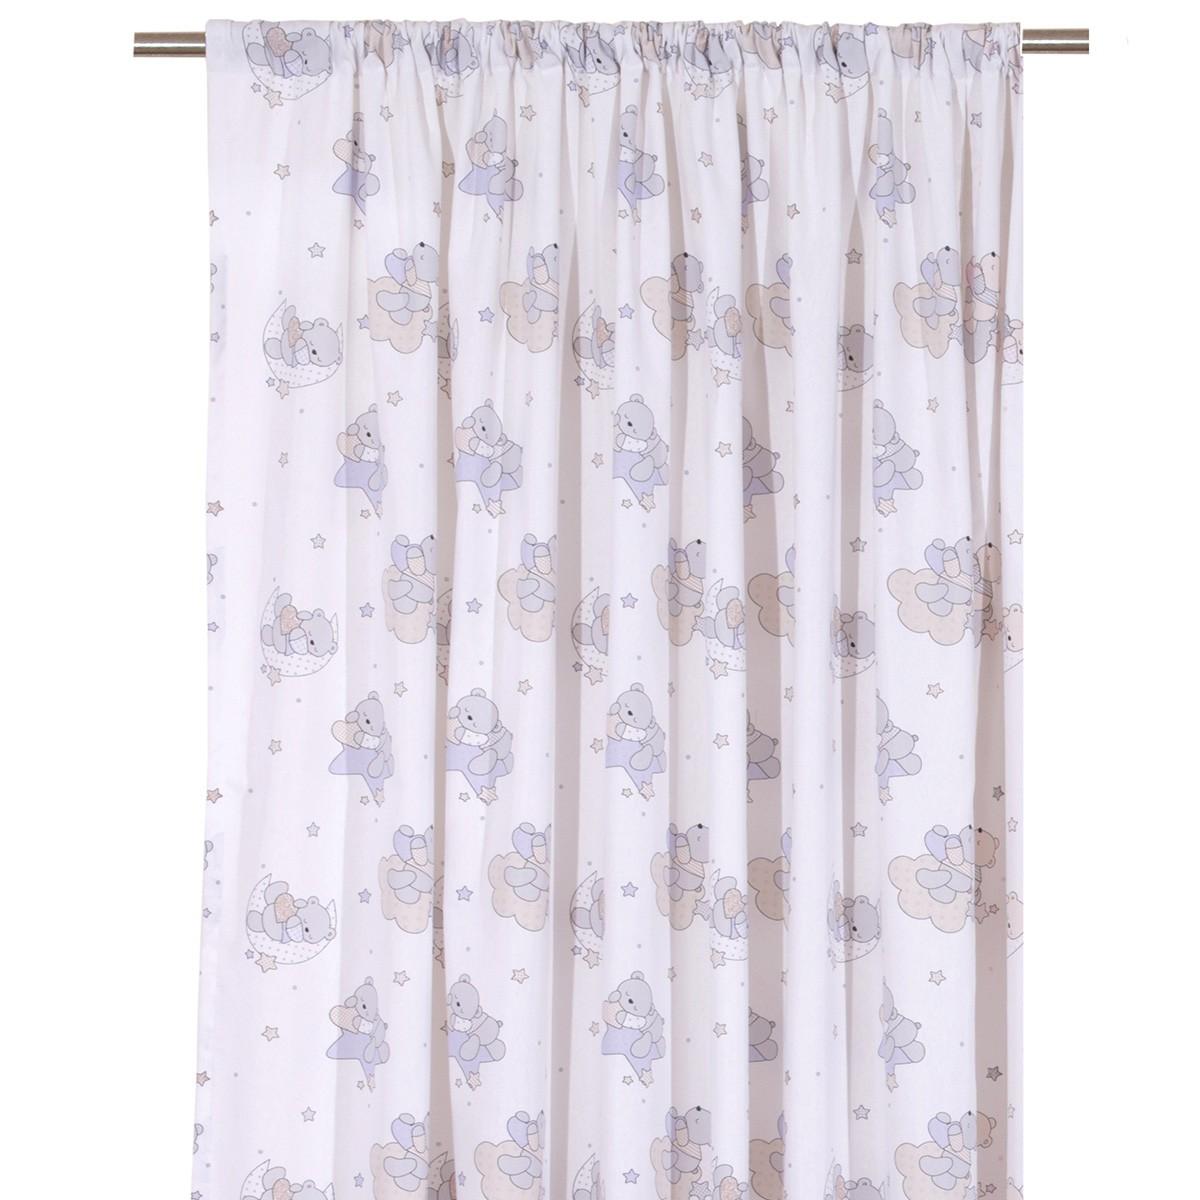 Παιδική Κουρτίνα (280×270) Viopros Curtains Τέντι Γκρι